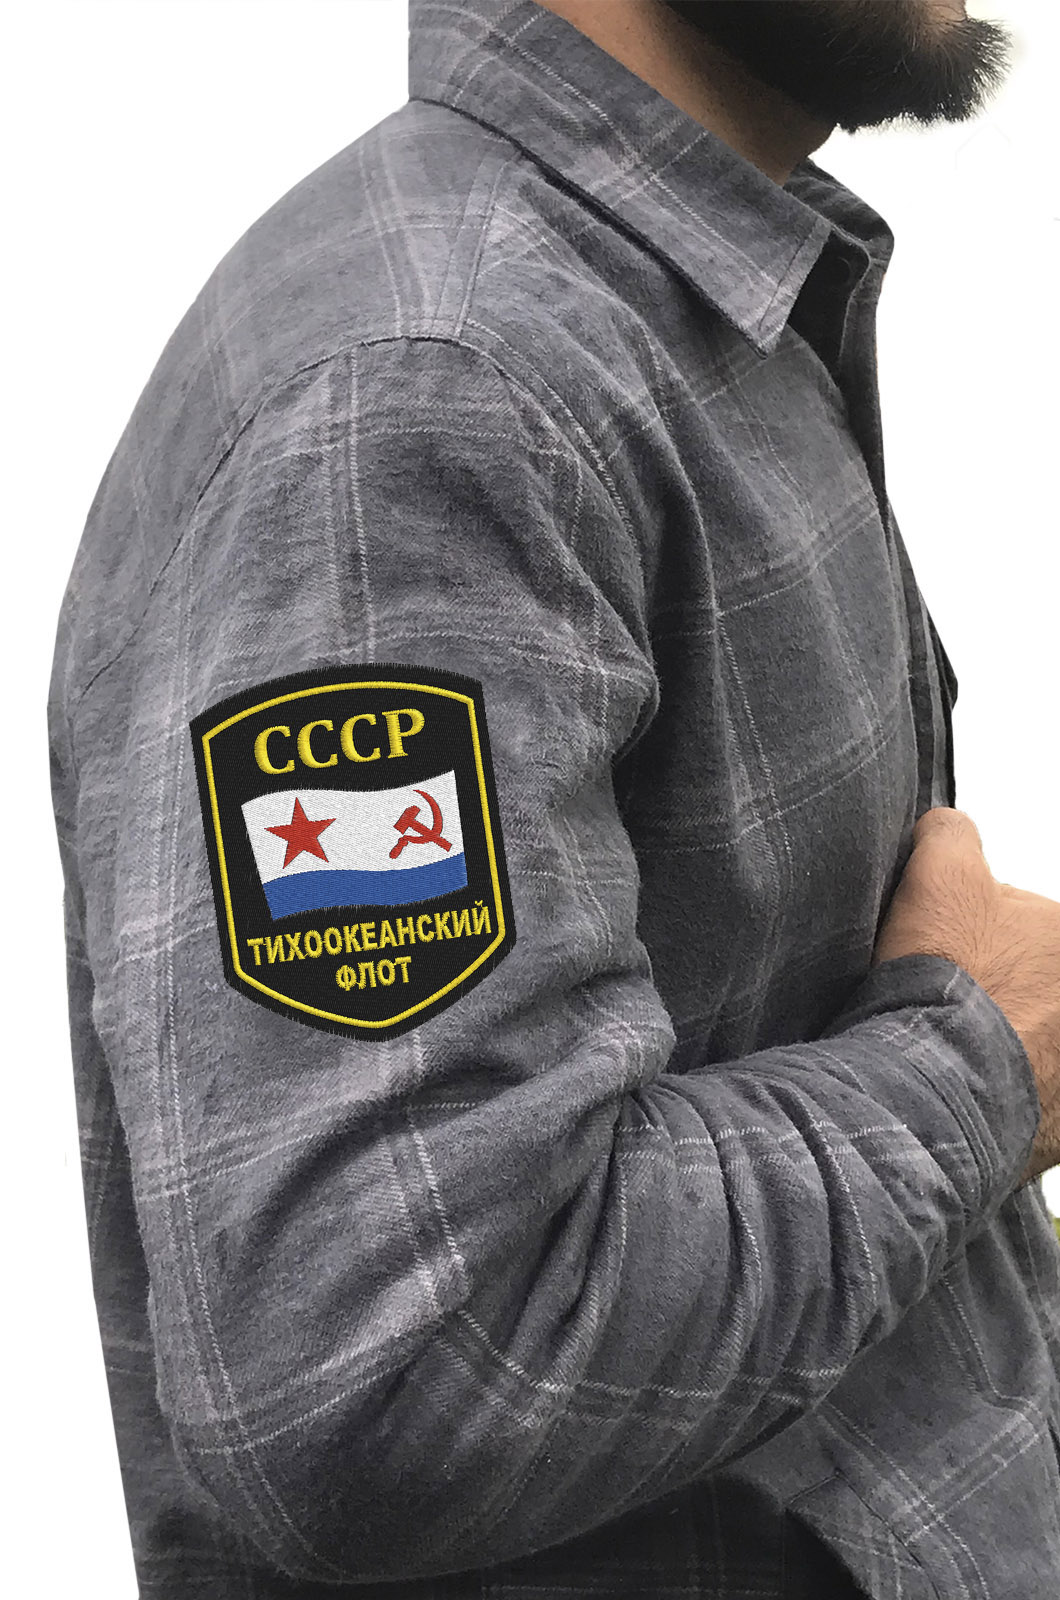 Мужская теплая рубашка с нашивкой Тихоокеанский флот СССР купить выгодно